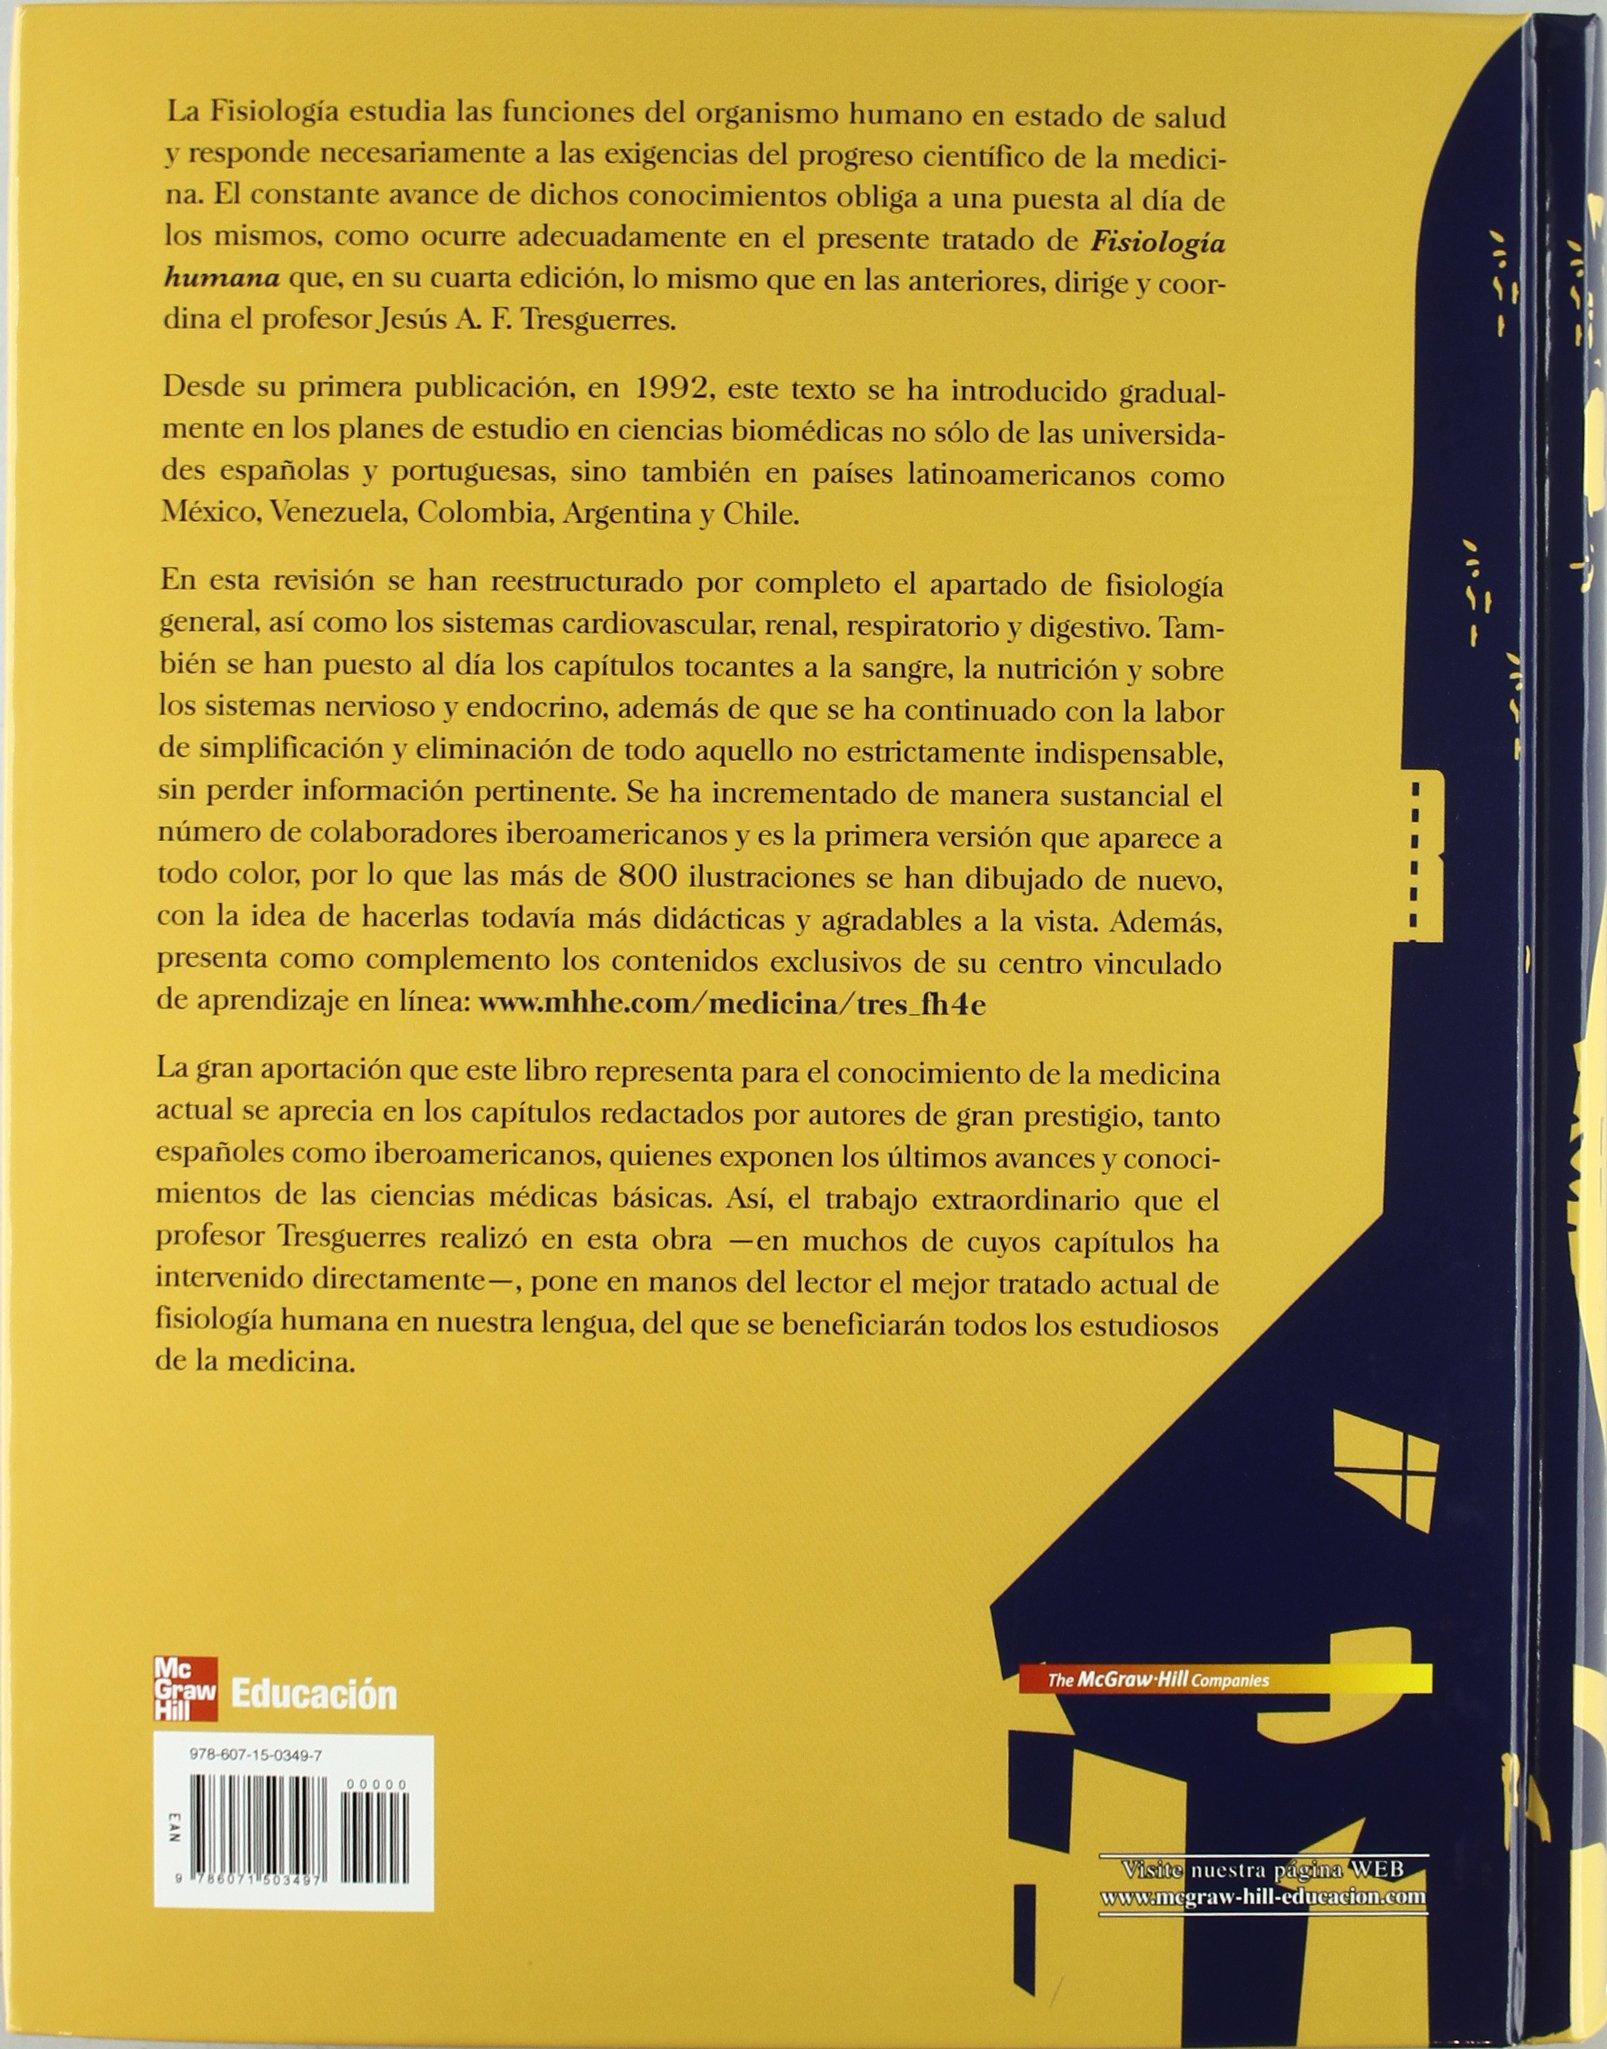 Fisiología Humana: Amazon.es: Jesús A. Tresguerres: Libros